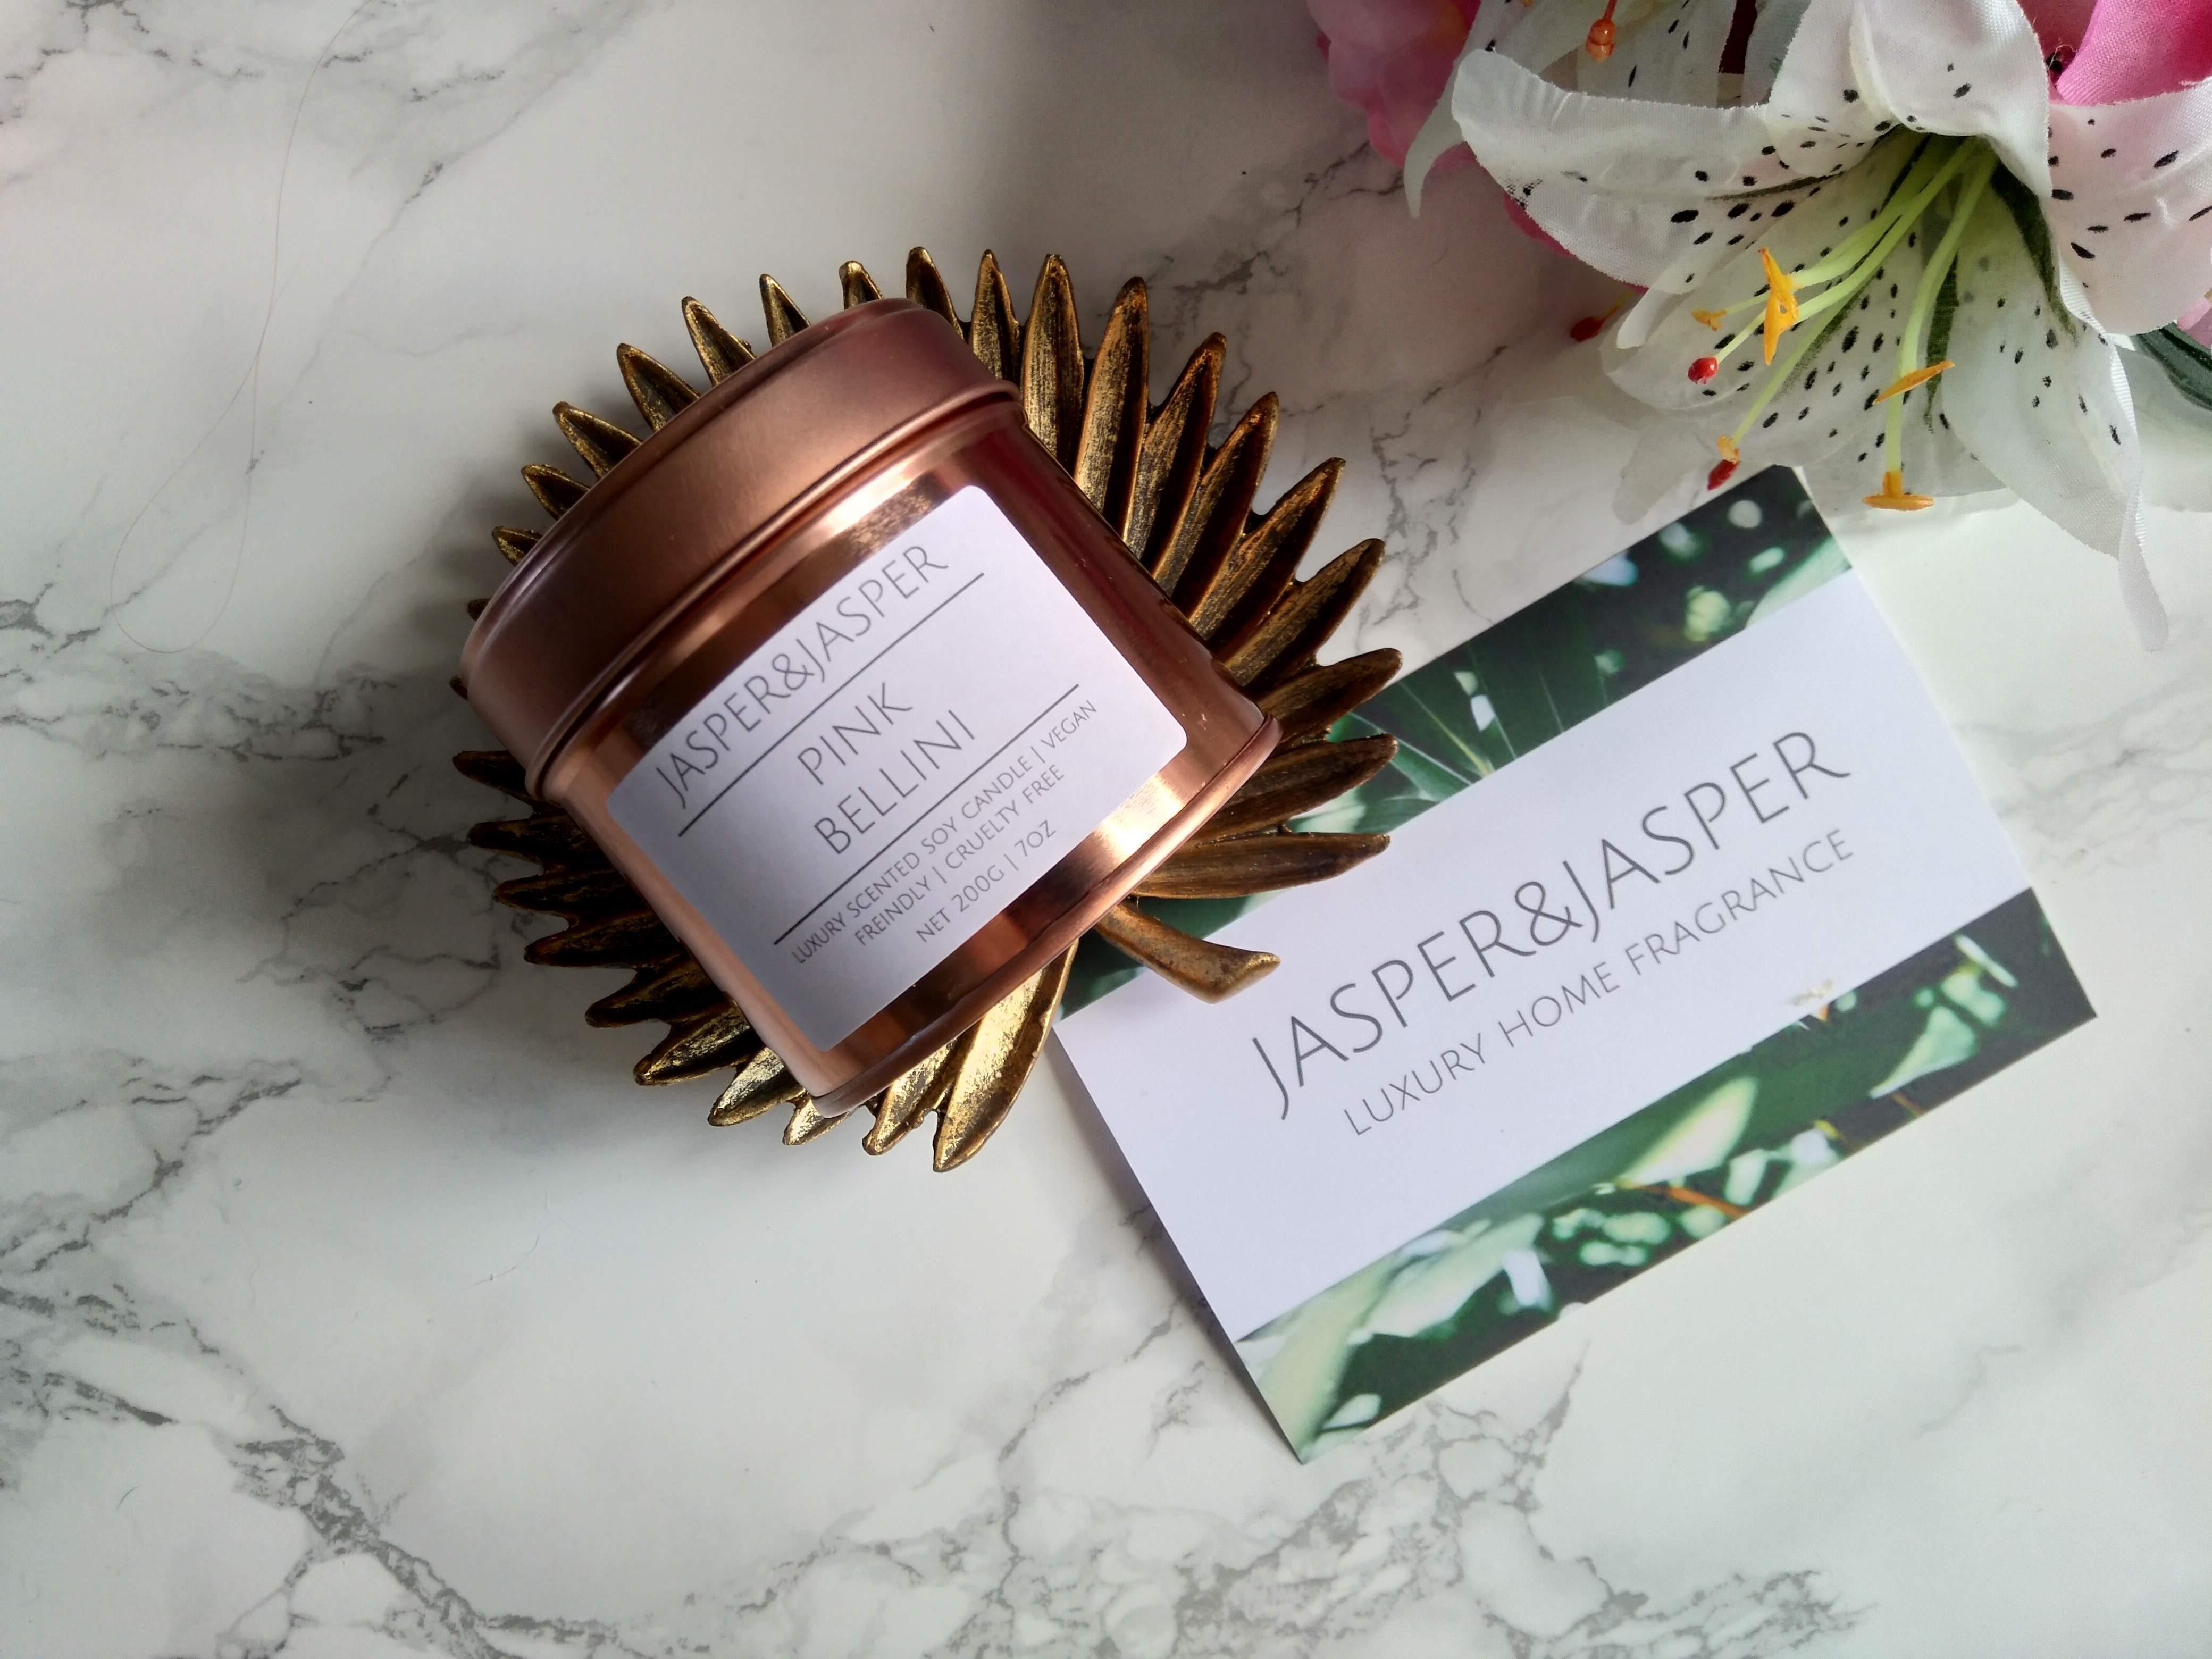 Jasper&Jasper 'Pink Bellini' Candle